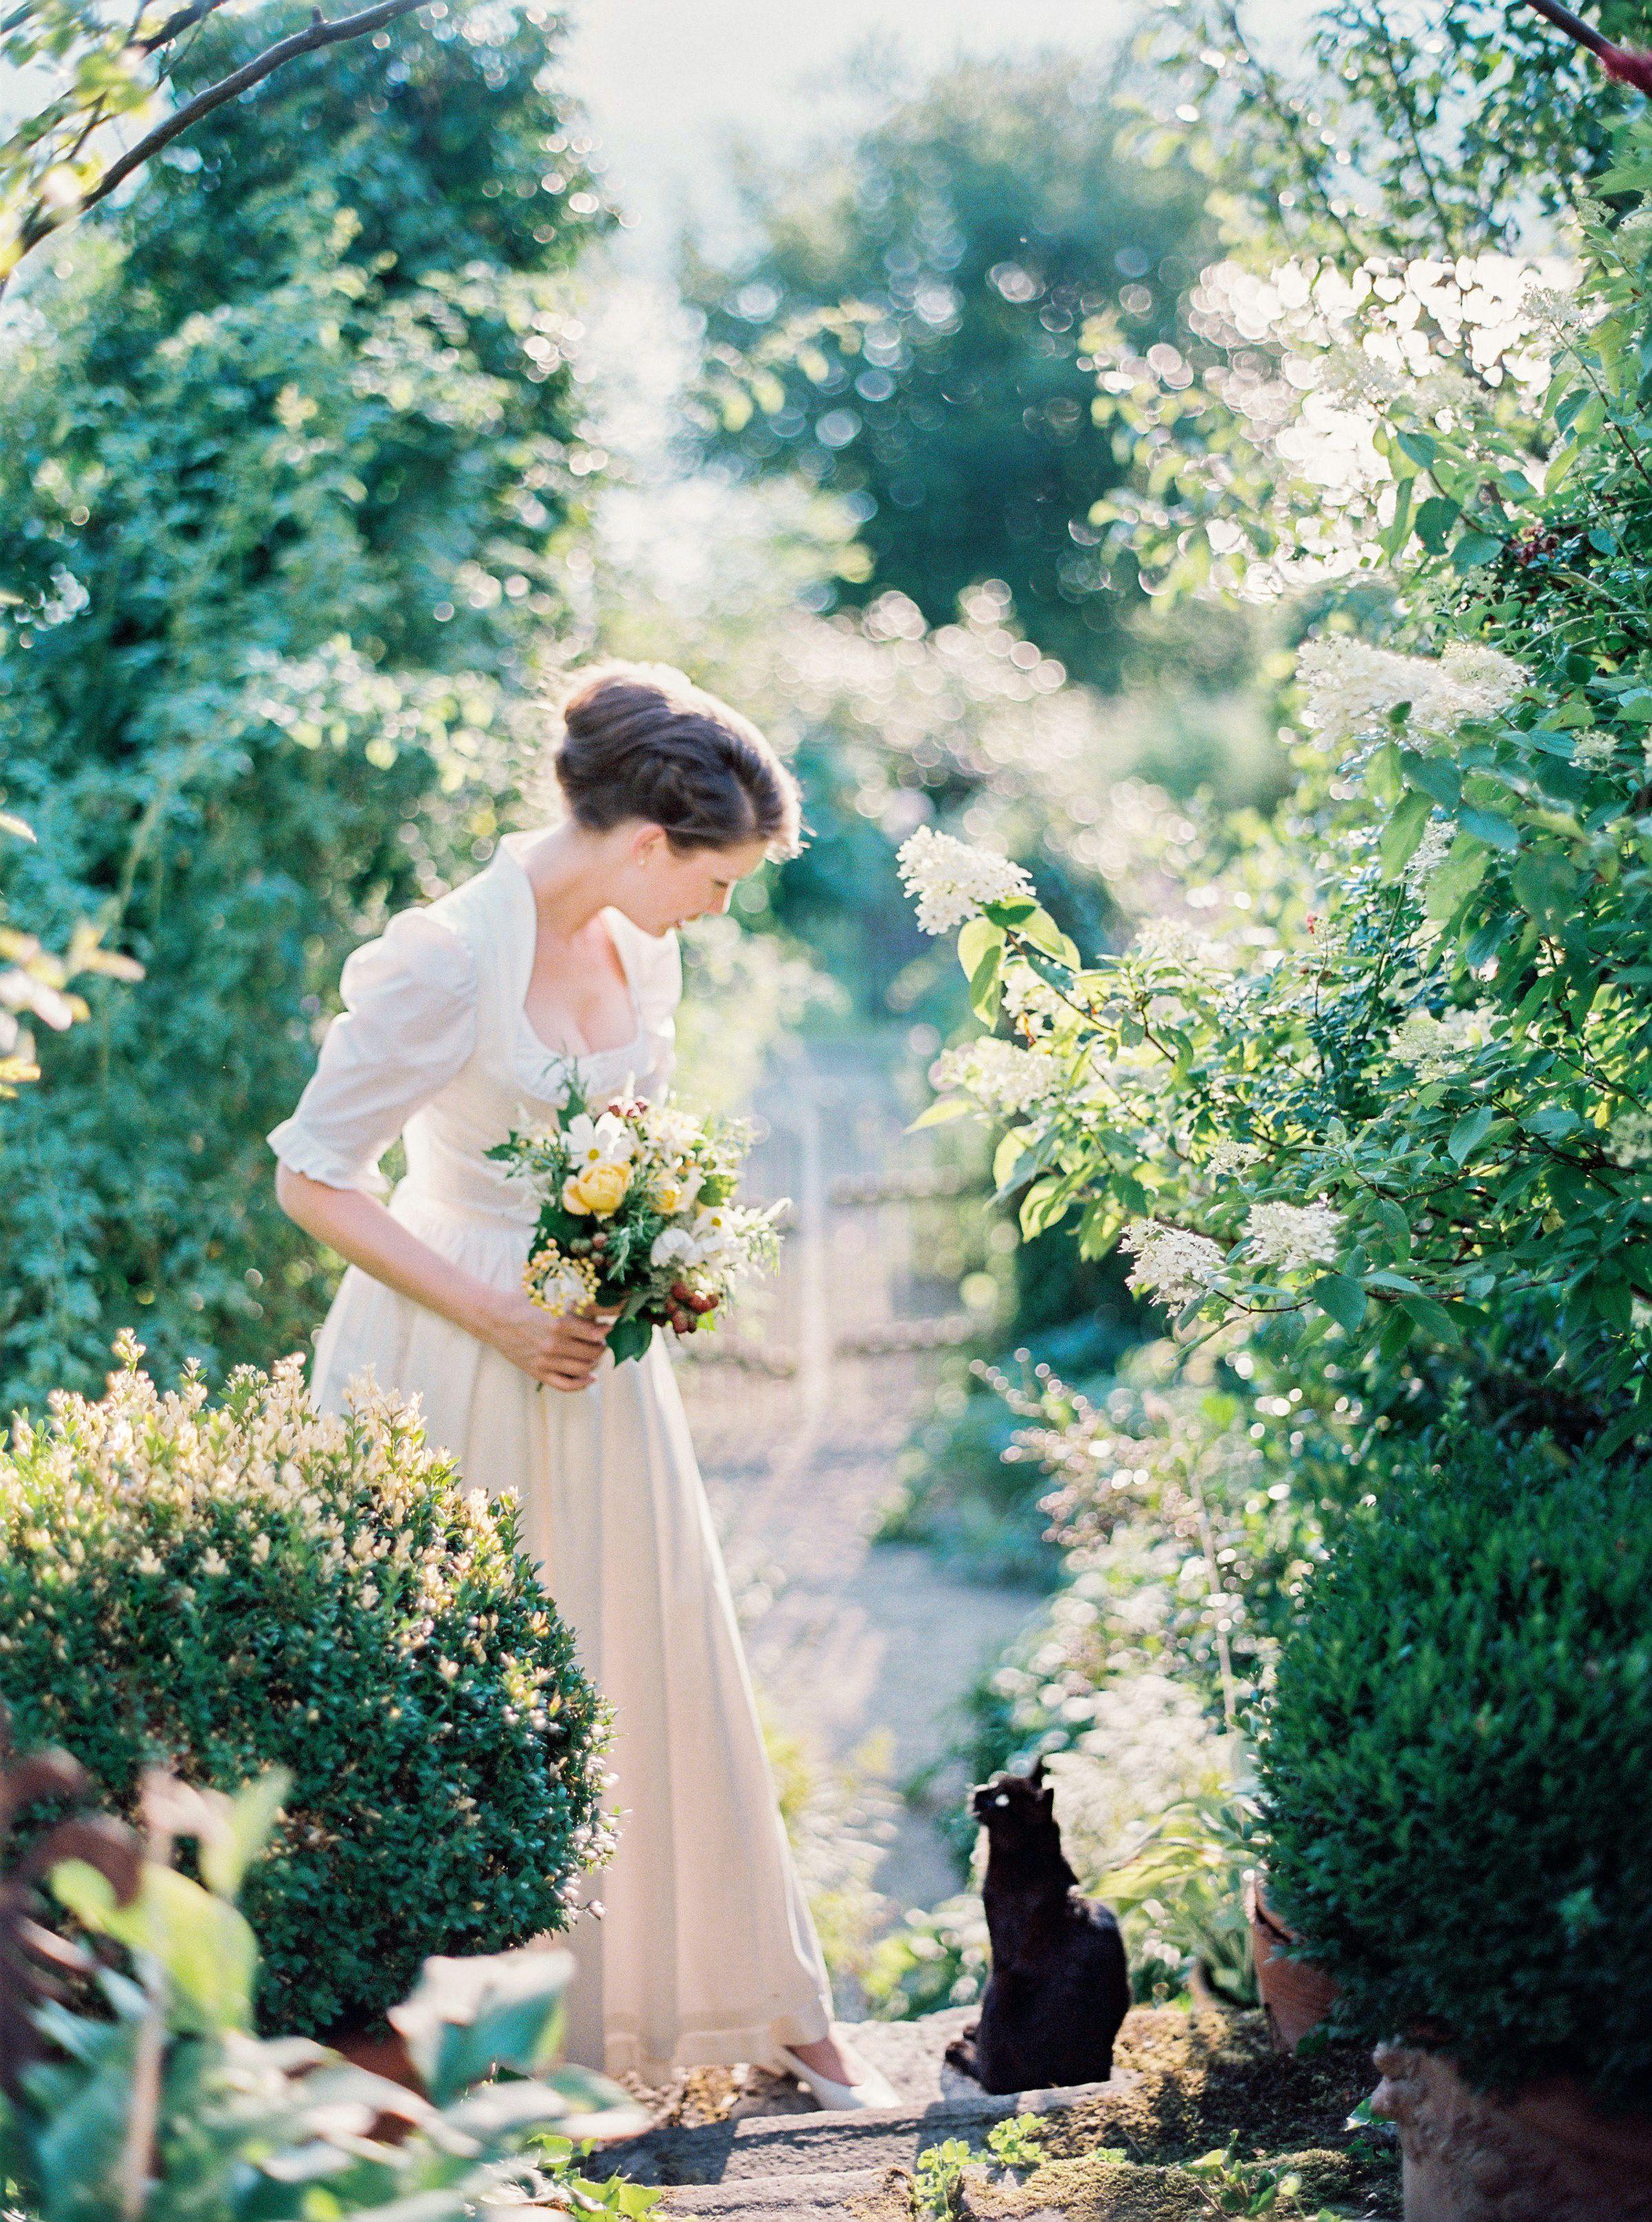 Tracht Dirndl Brautkleid Gartenhochzeit Design By Prime Moments Foto Peaches Mint Gartenhochzeit Hochzeit Dirndl Hochzeit